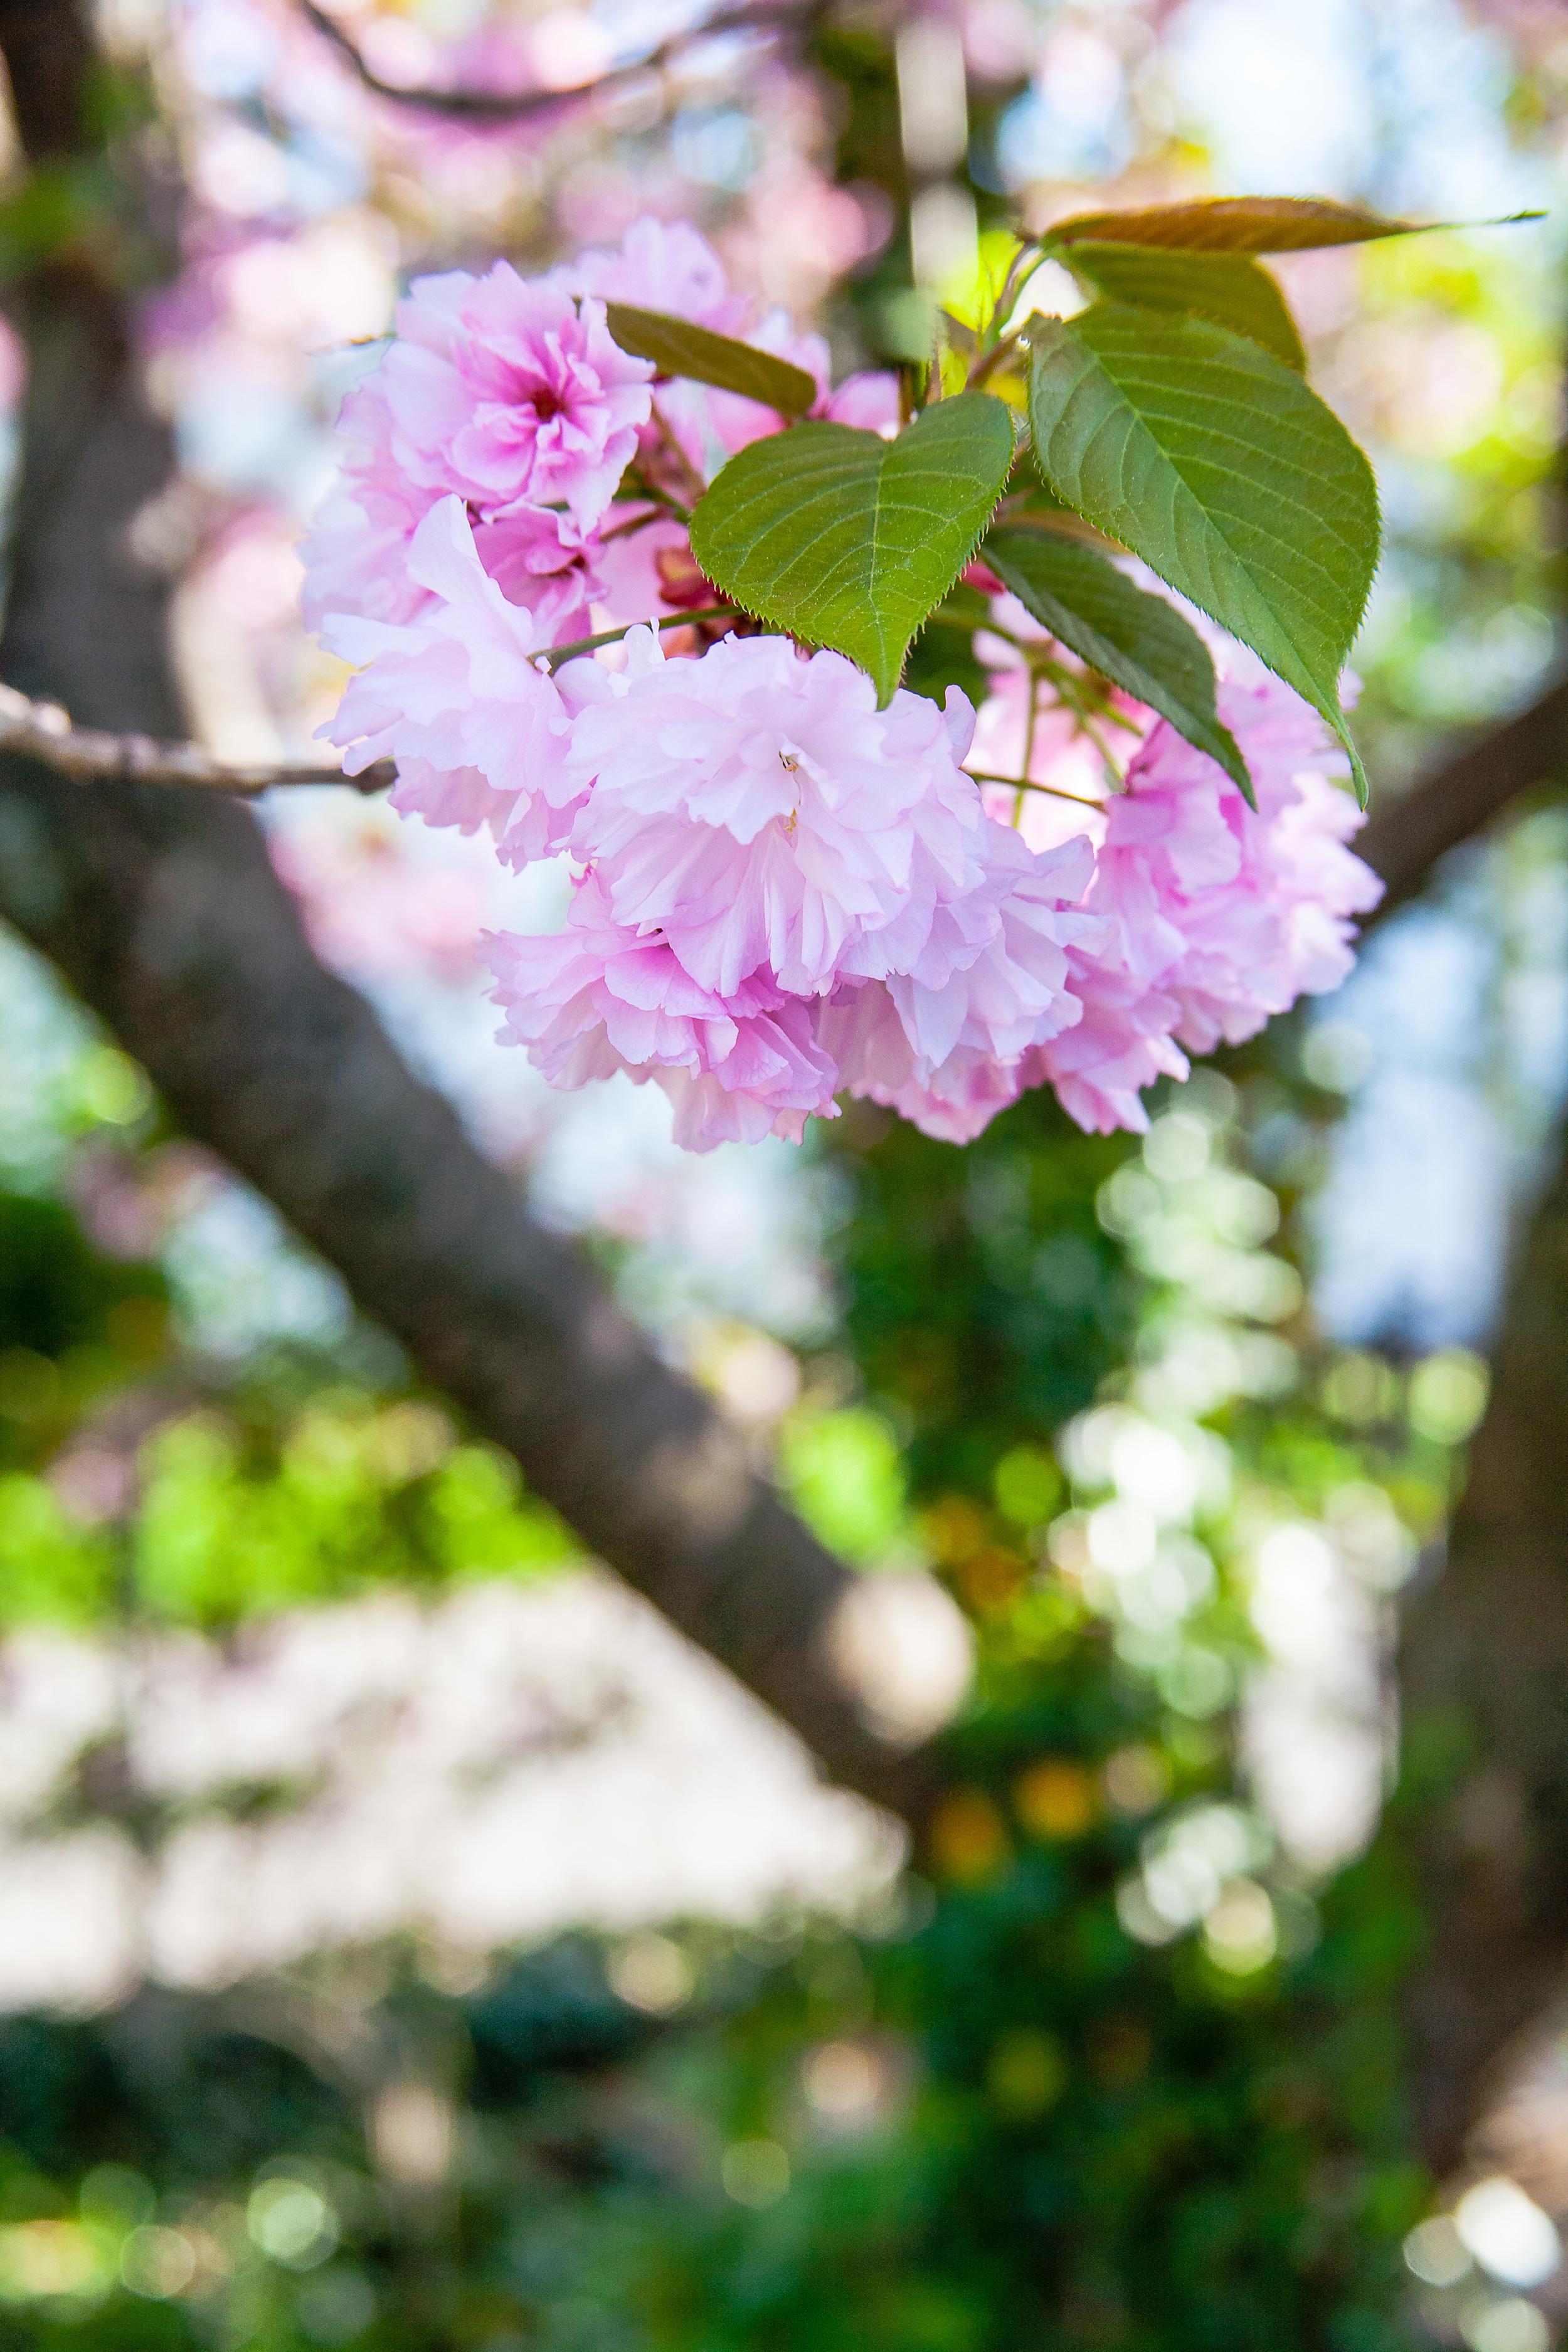 crabapple flower.jpg